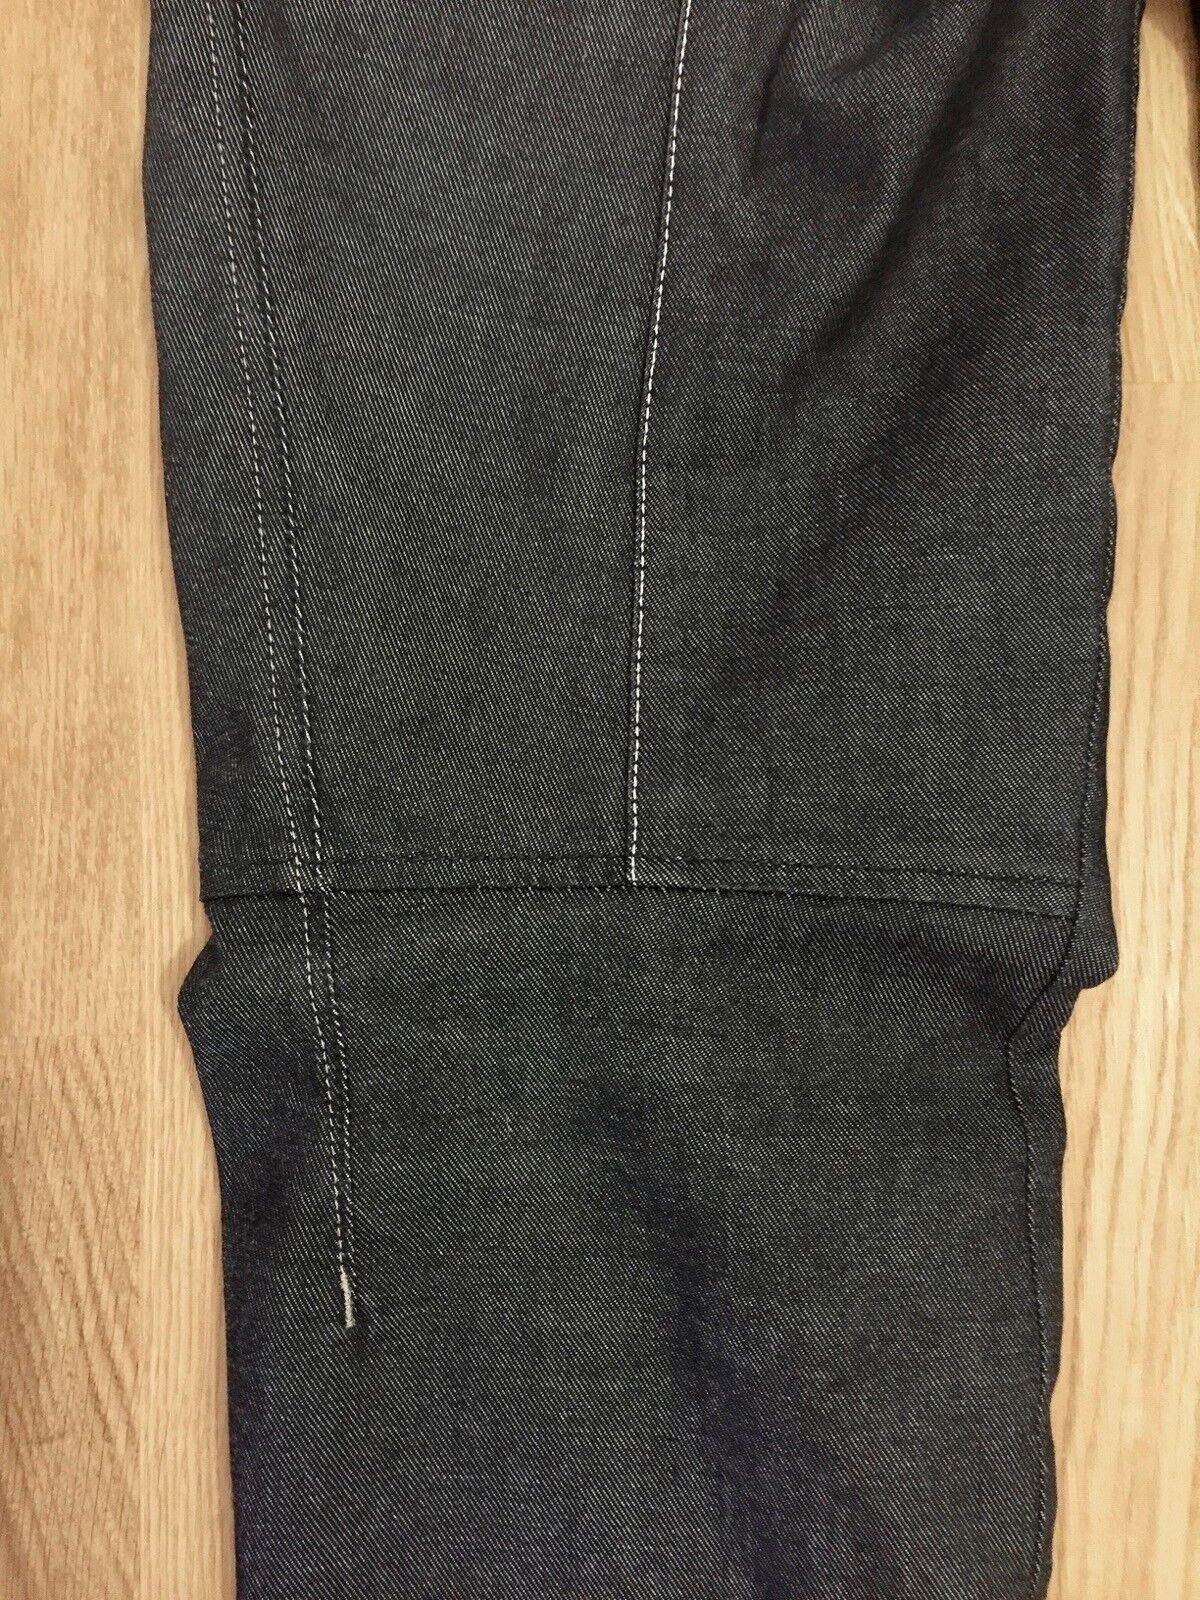 ♥ ♥ ♥ Designer Jeans vom Kult Label HIGH ♥ Extravagant Schwarz Cargo Gr 38 Wie neu 874c5f